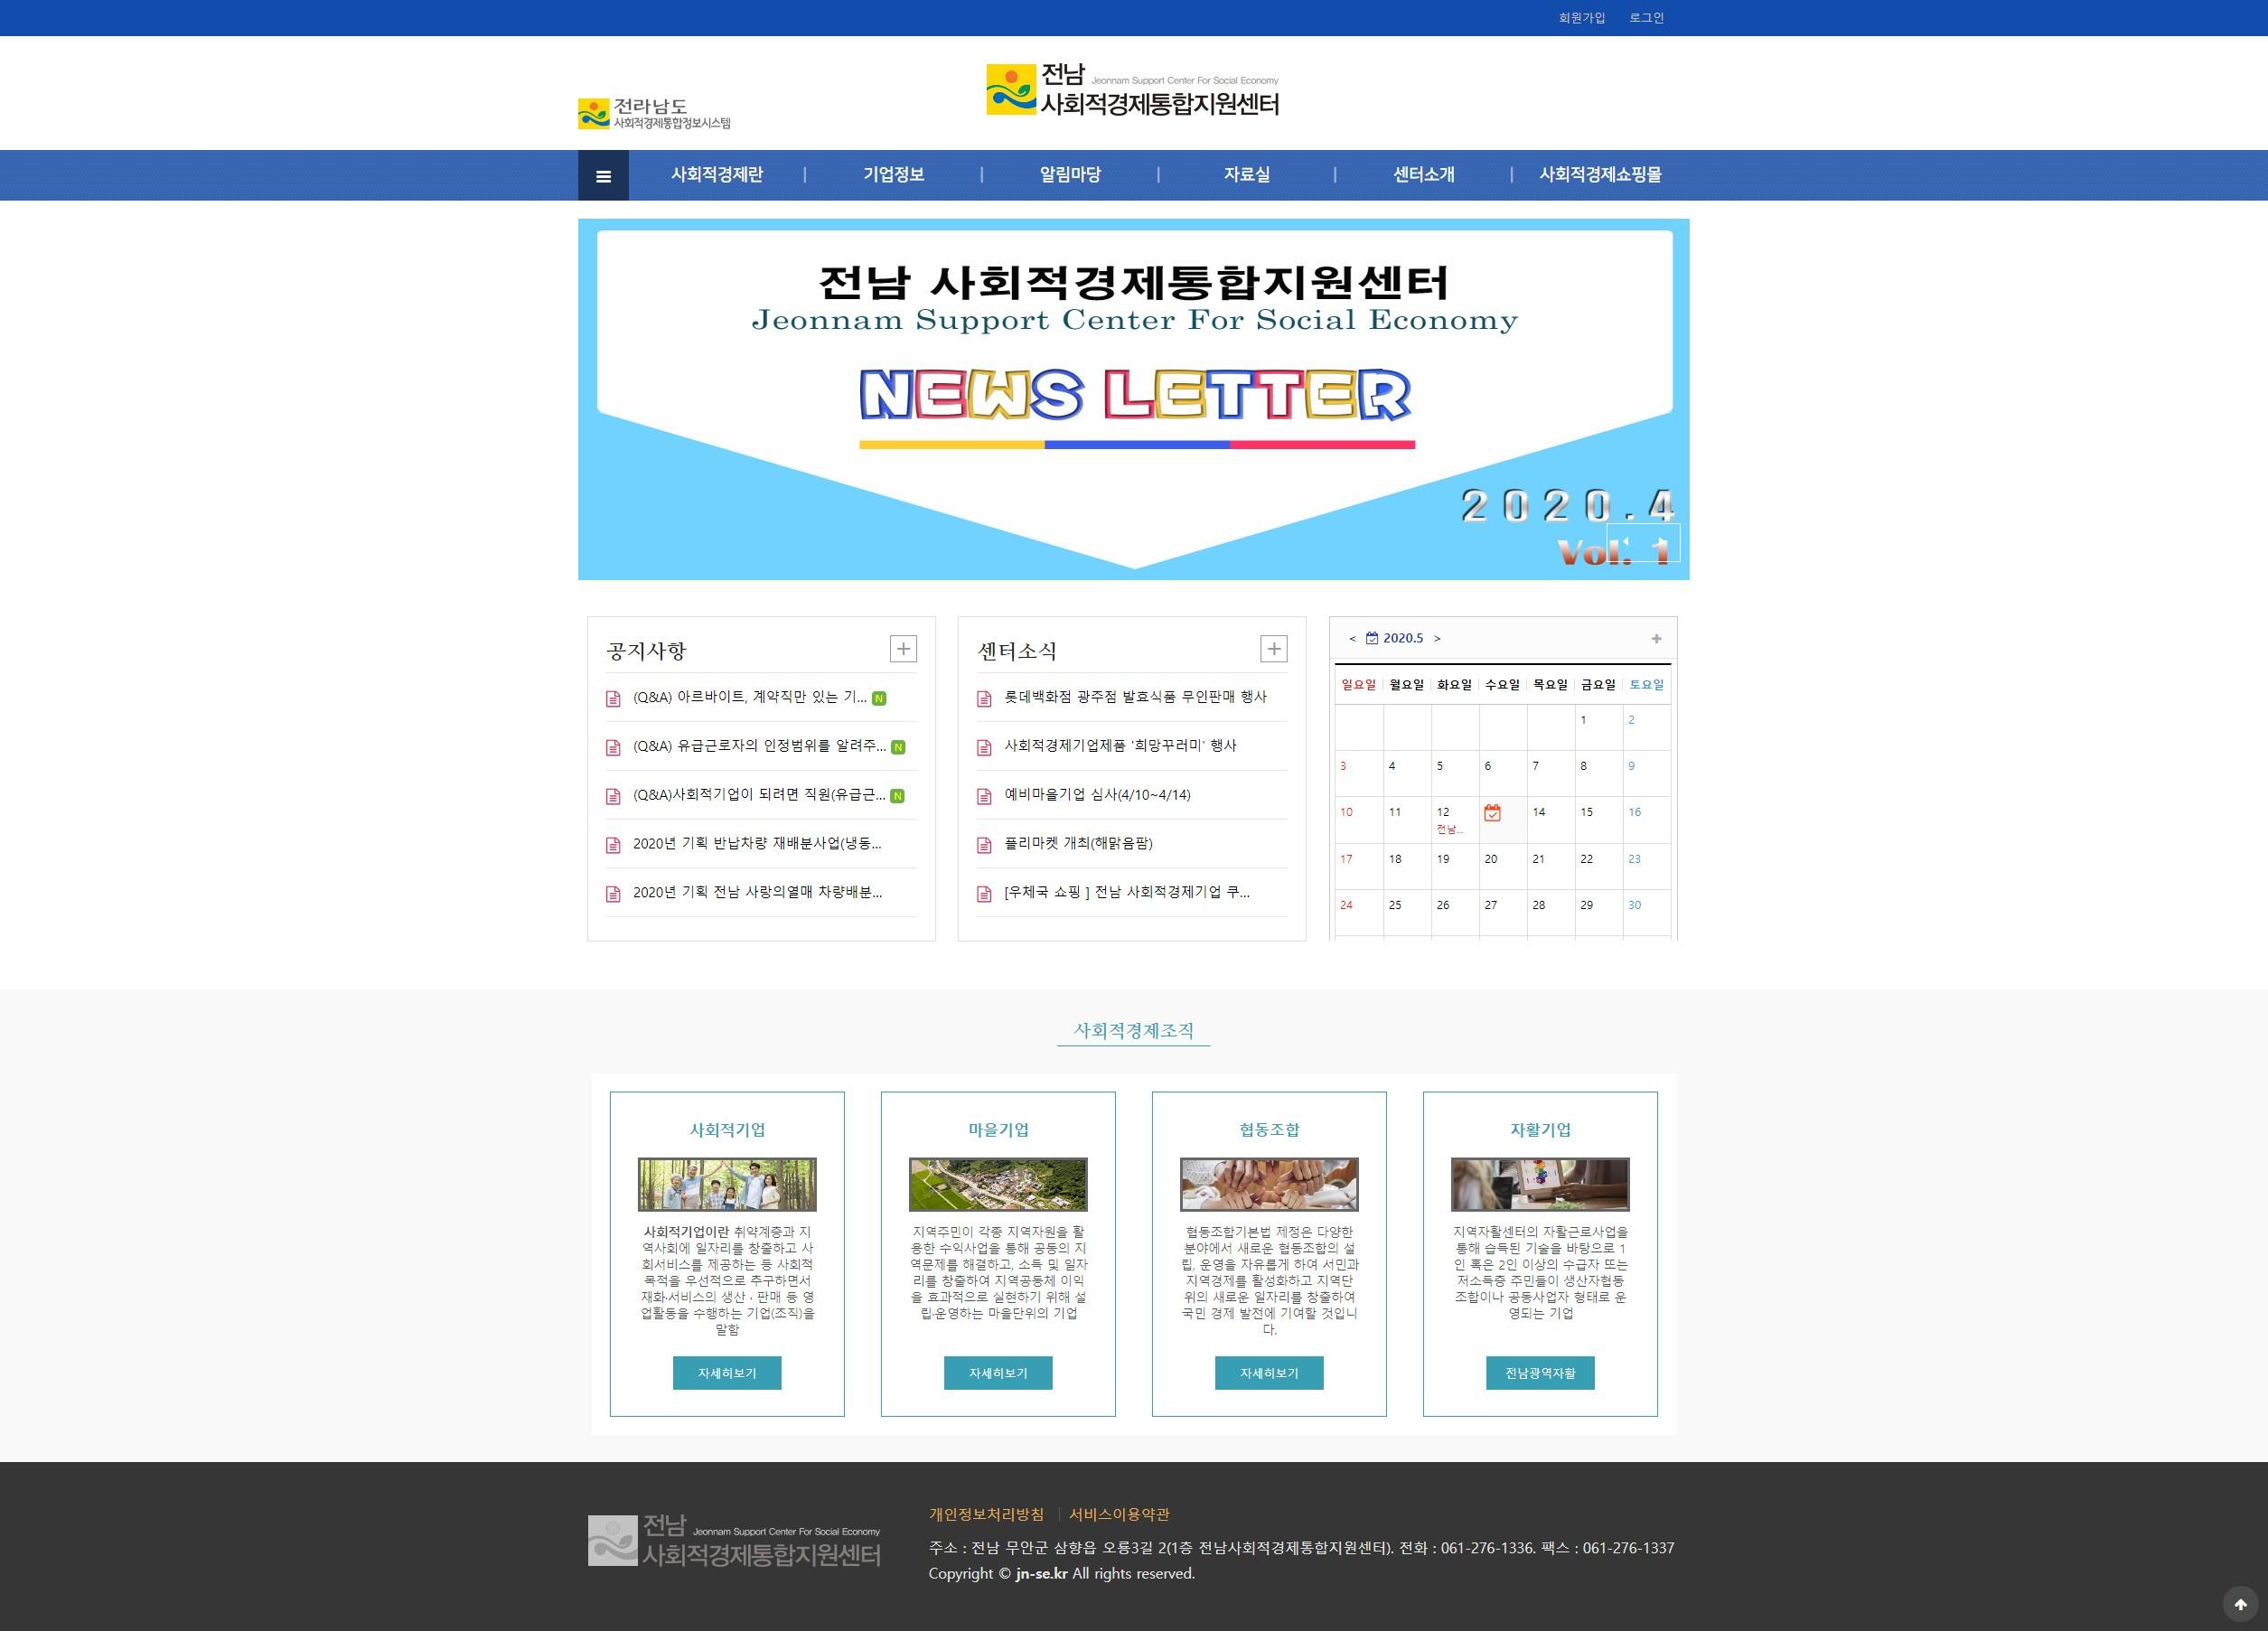 전남사회적경제통합지원센터